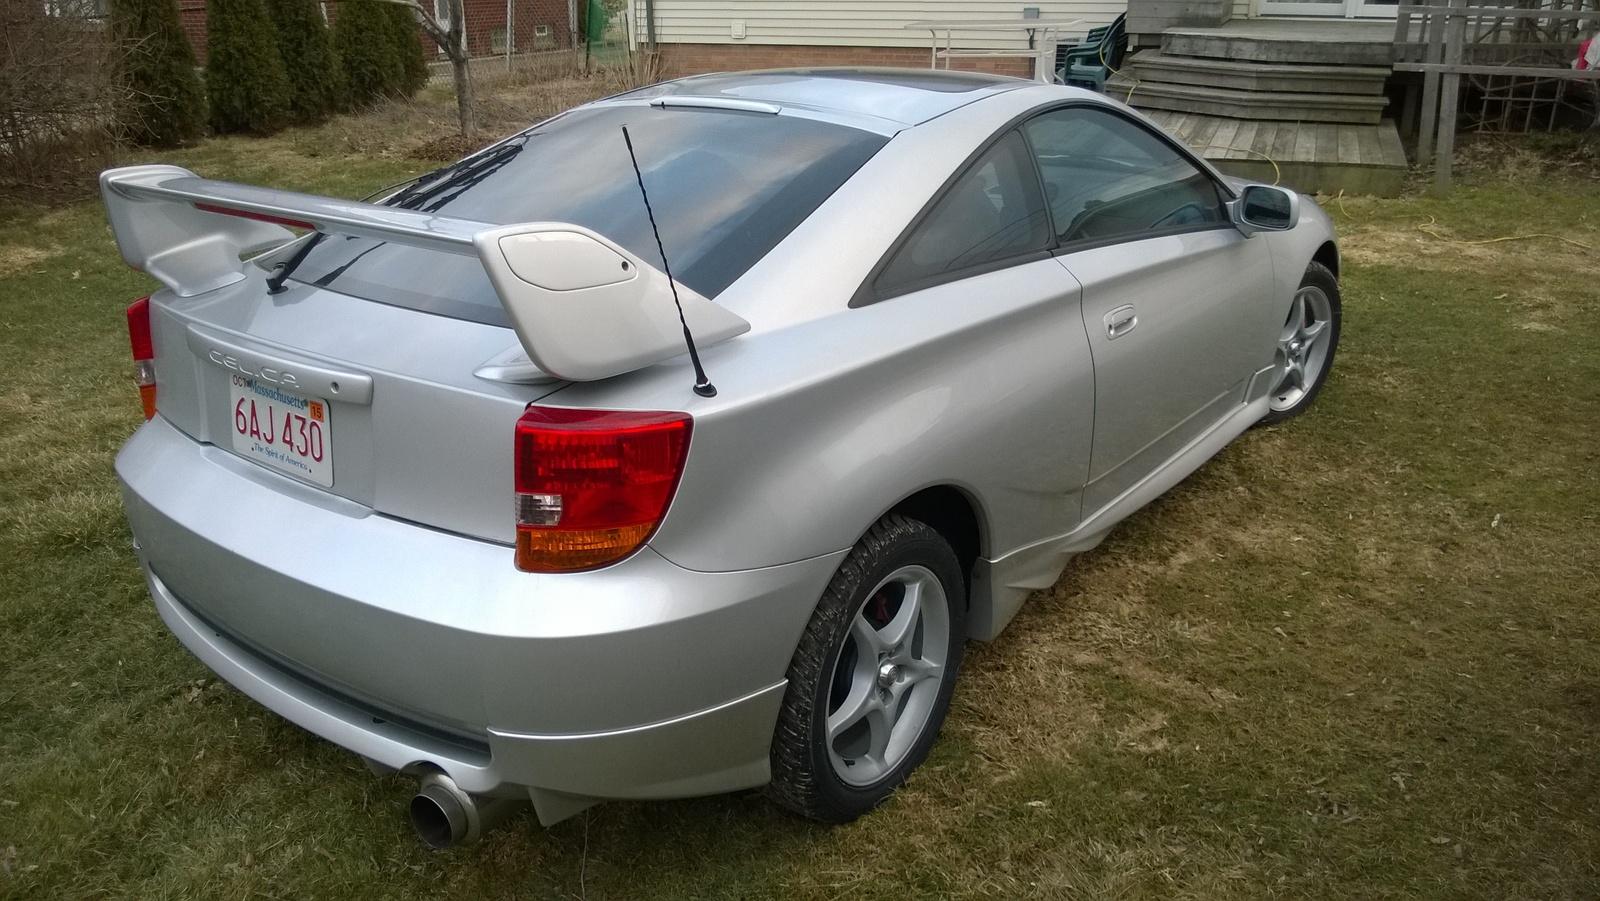 2002 Toyota Celica Pictures Cargurus